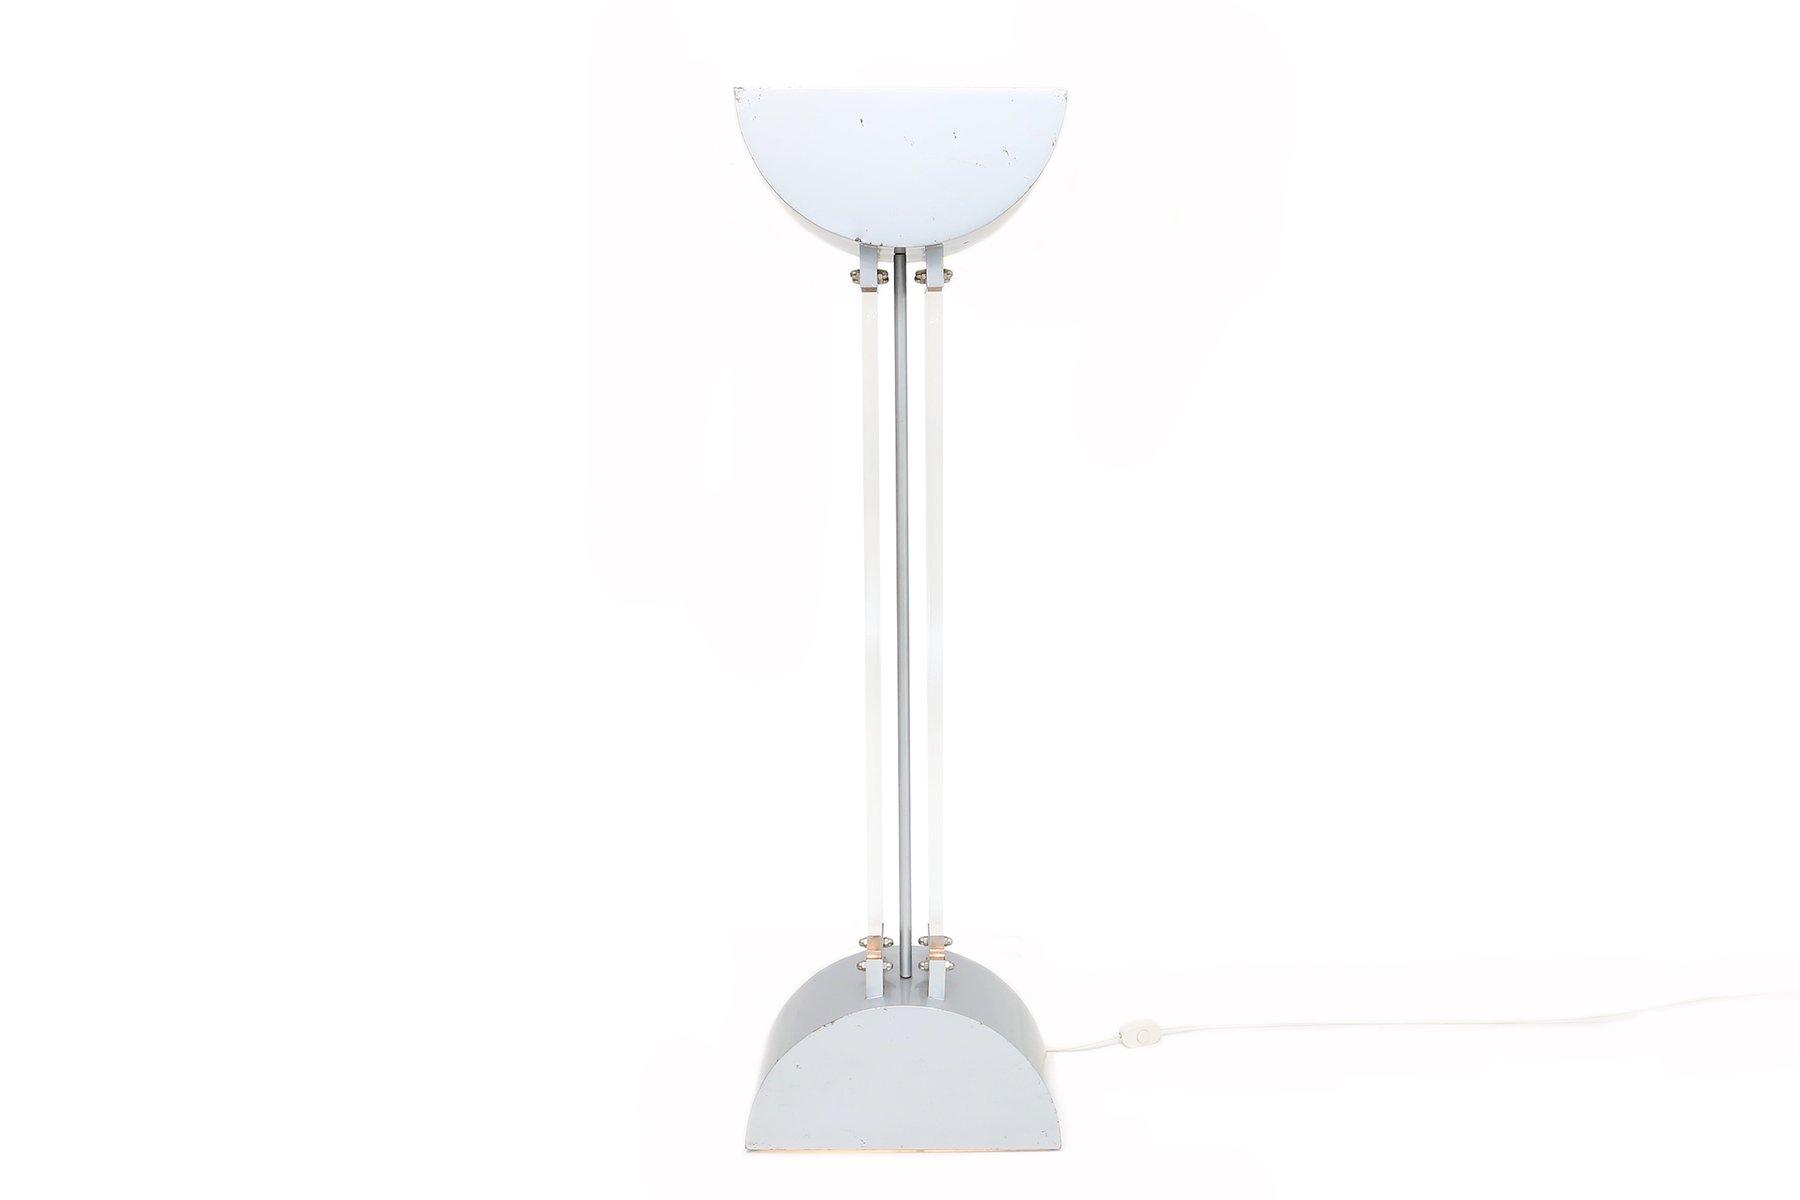 Stehlampe aus Plexiglas